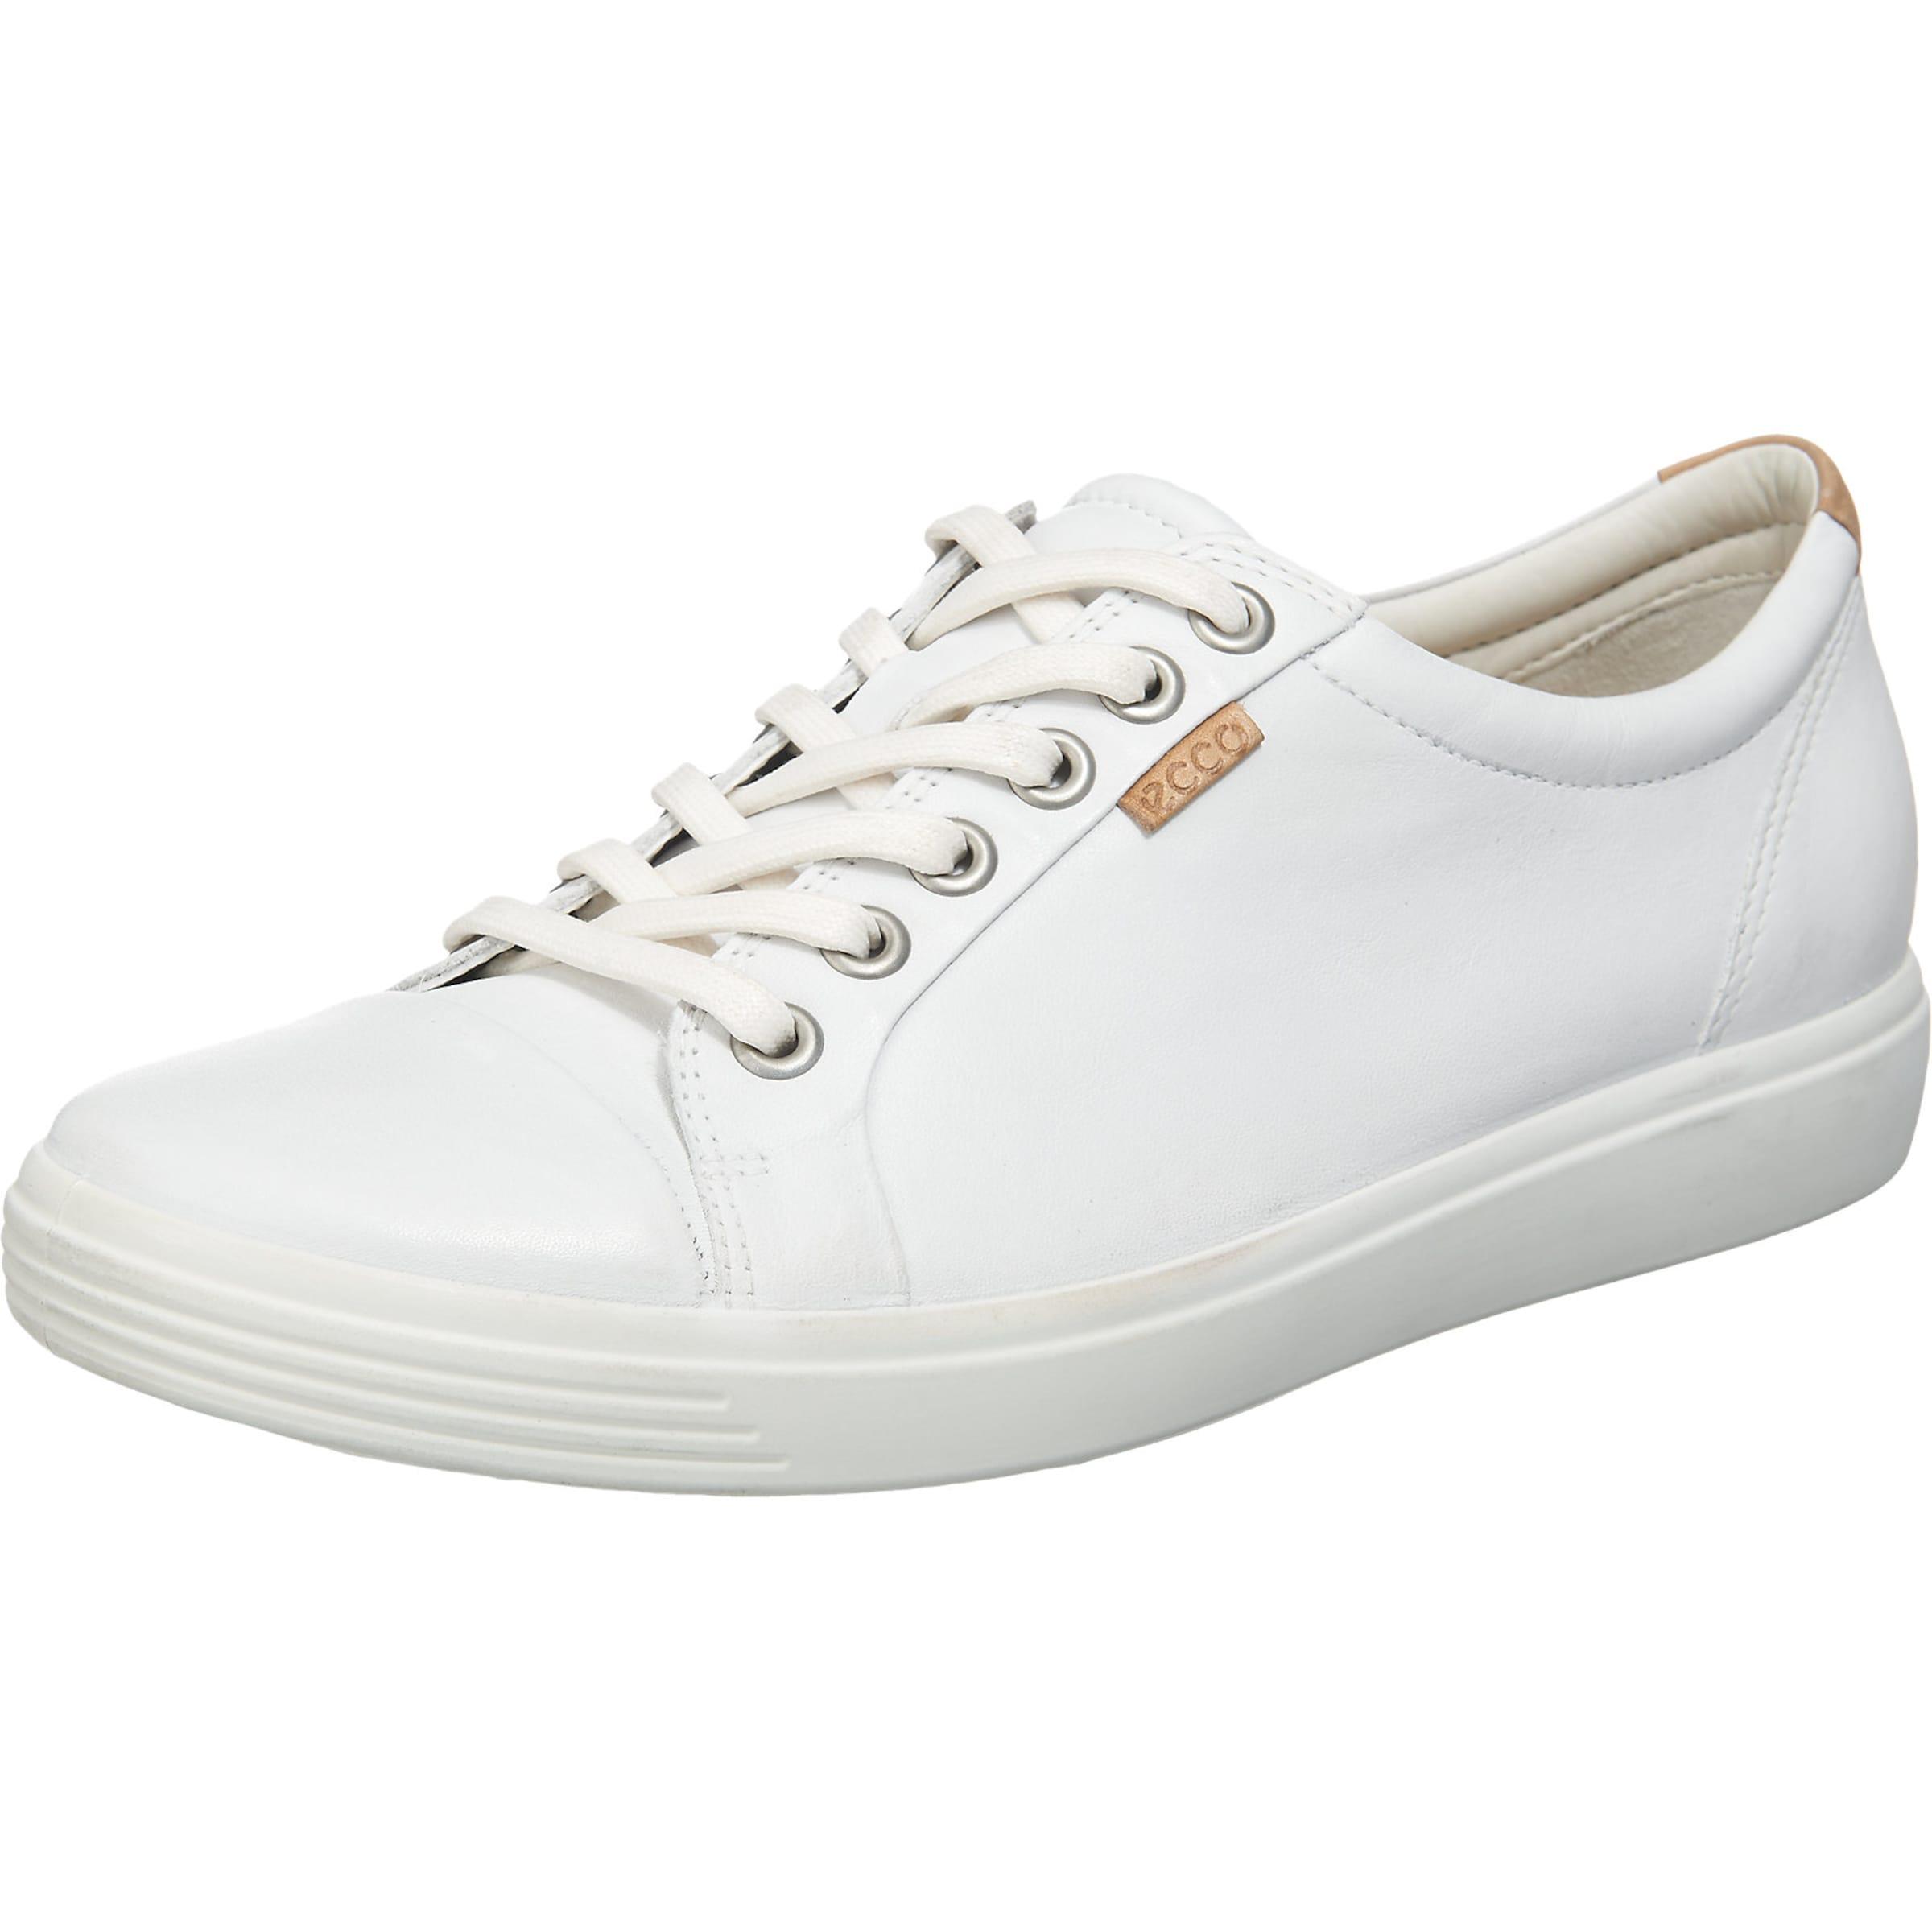 Damen Für Sneakers RosaTop Rieker Schuhe Deutsch Designer